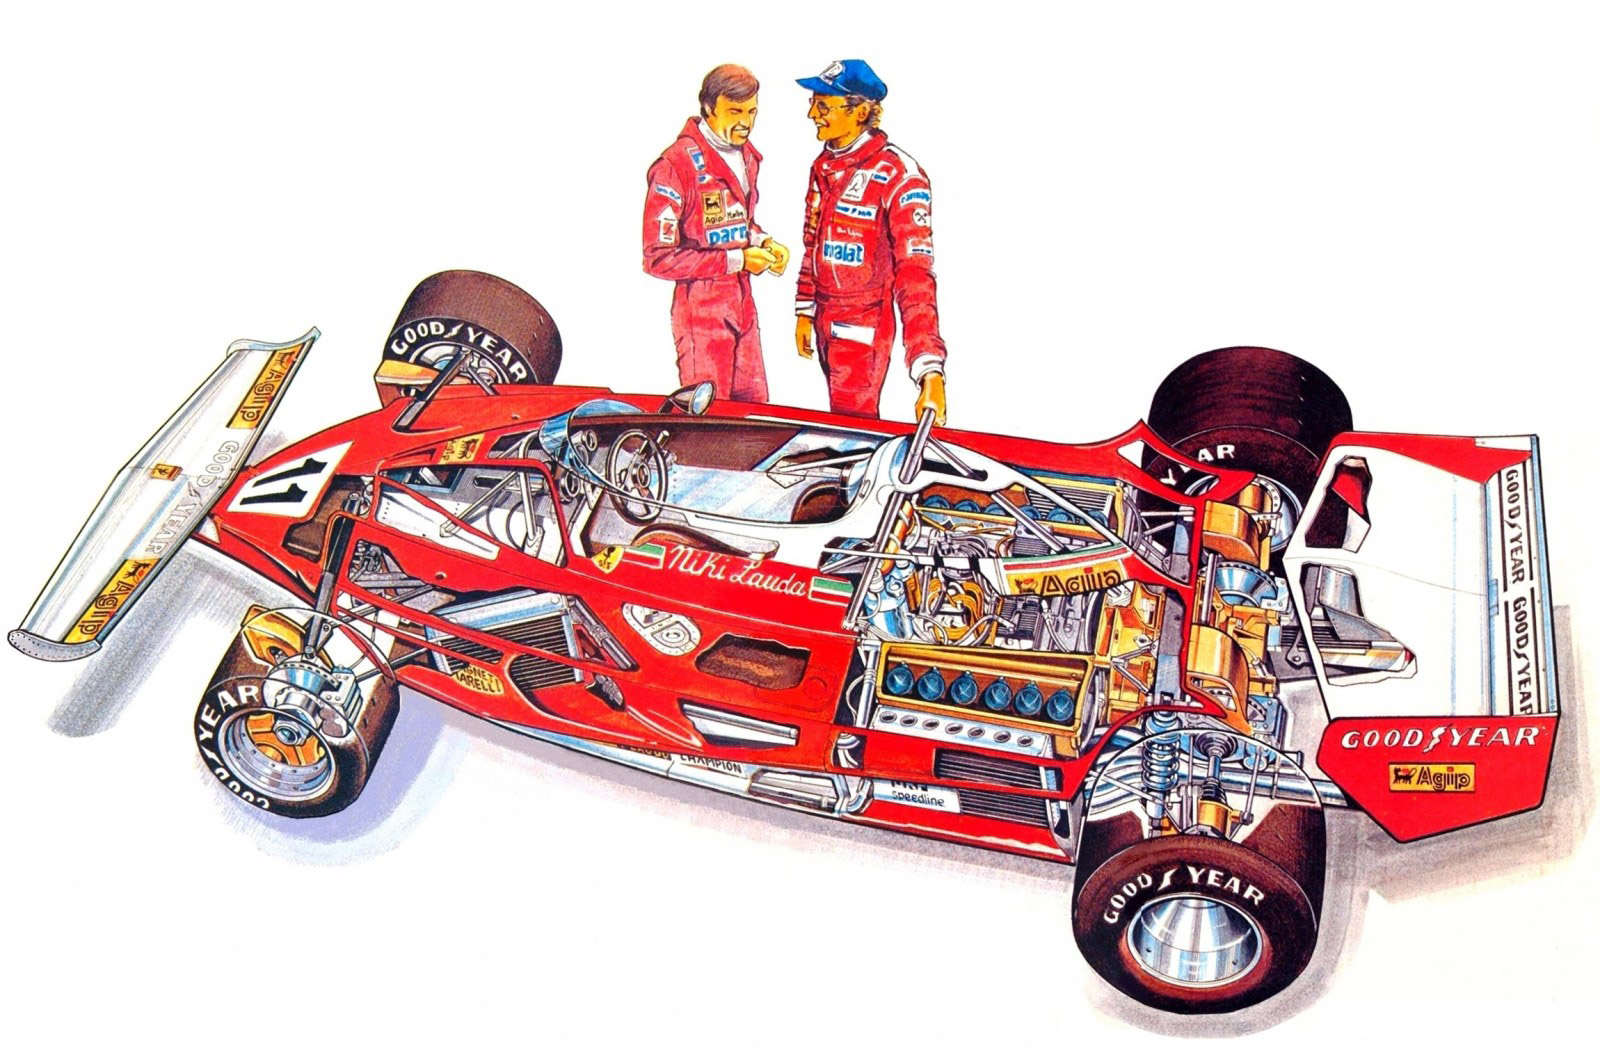 Ferrari 312T cutaway